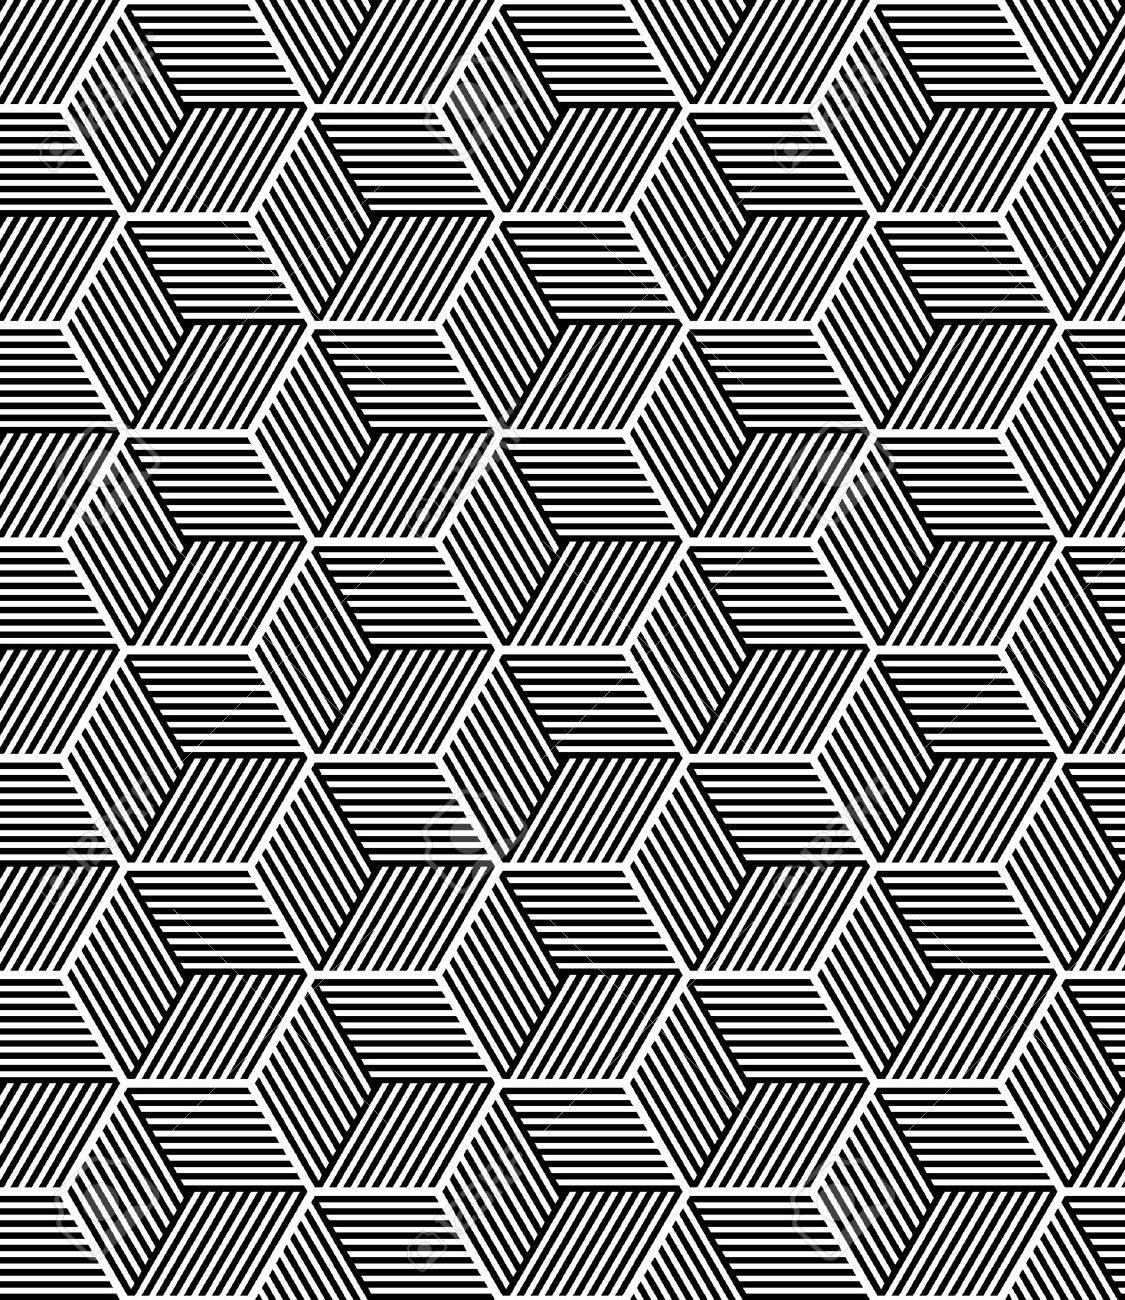 Seamless op art pattern. Geometric texture. Vector art. - 49585143